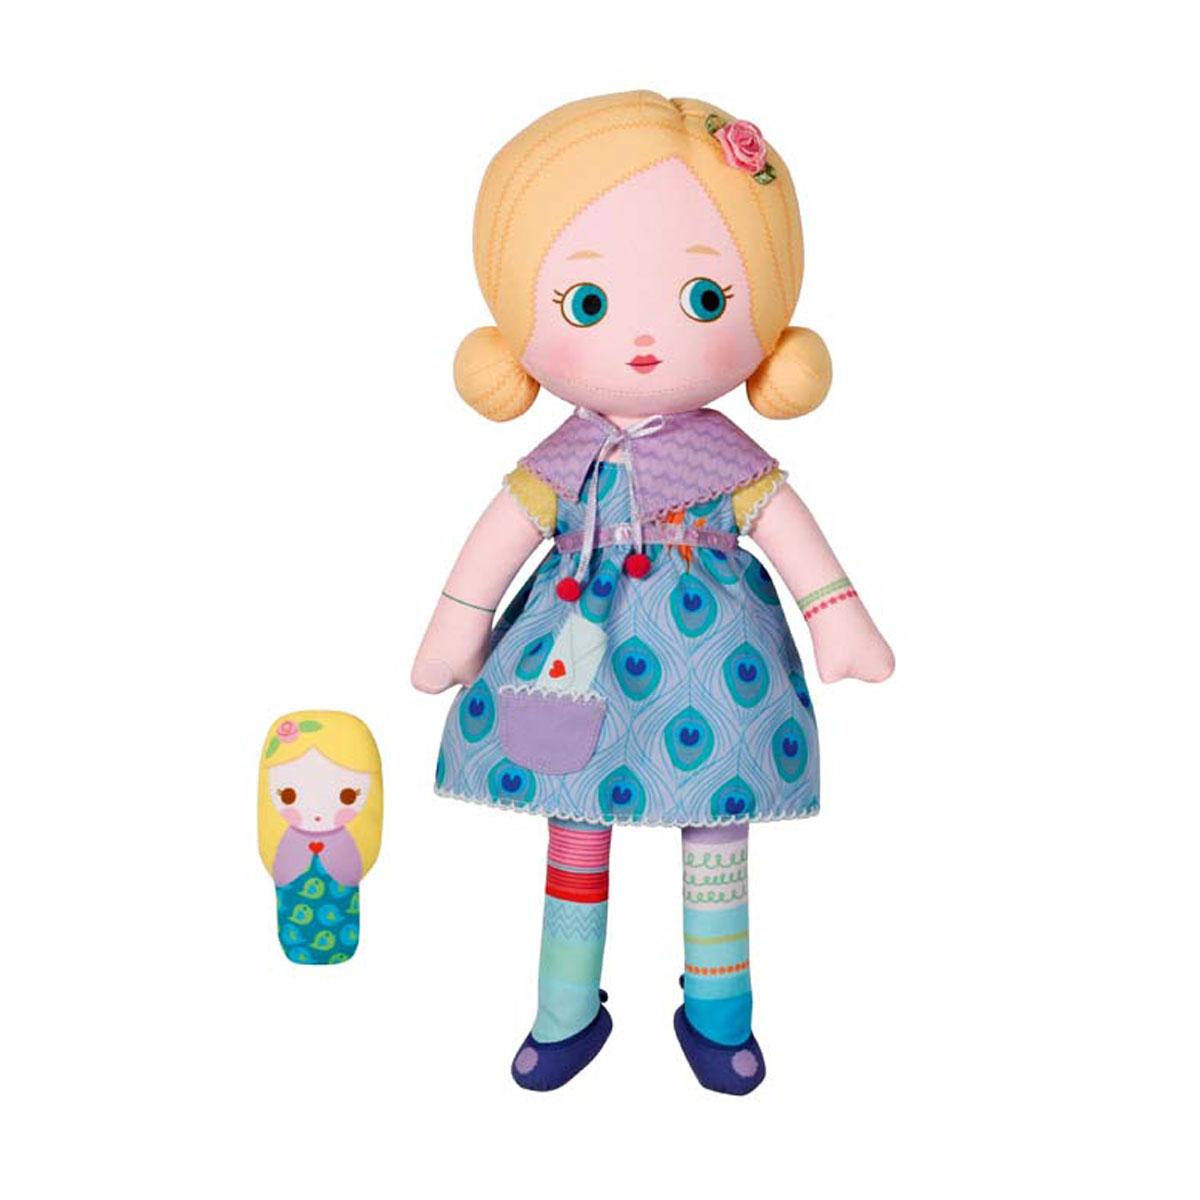 Mooshka Кукла Dasha940-266Очаровательная мягкая кукла Кукла Mooshka Dasha непременно станет любимой игрушкой вашей малышки. Кукла выполнена из приятного на ощупь текстиля и не имеет твердых элементов, что делает игру с ней безопасной даже для самых маленьких малышей. Куколка одета в платье с пышной юбкой, украшенное оригинальным принтом. На ручках куклы расположены липучки, чтобы крепко держаться за руки с другими куколками. Также в комплект входит небольшая пальчиковая куколка, которая разнообразит игры малышки и позволит ей проявить свою фантазию, разыгрывая веселые представления. Dasha - прирожденная актриса. Ей очень нравится придумывать представления со своими друзьями. Трогательная мягкая куколка принесет радость и подарит своей обладательнице мгновения нежных объятий и приятных воспоминаний. Благодаря играм с куклой ваша малышка сможет развить воображение и любознательность, овладеть навыками общения и научиться ответственности.